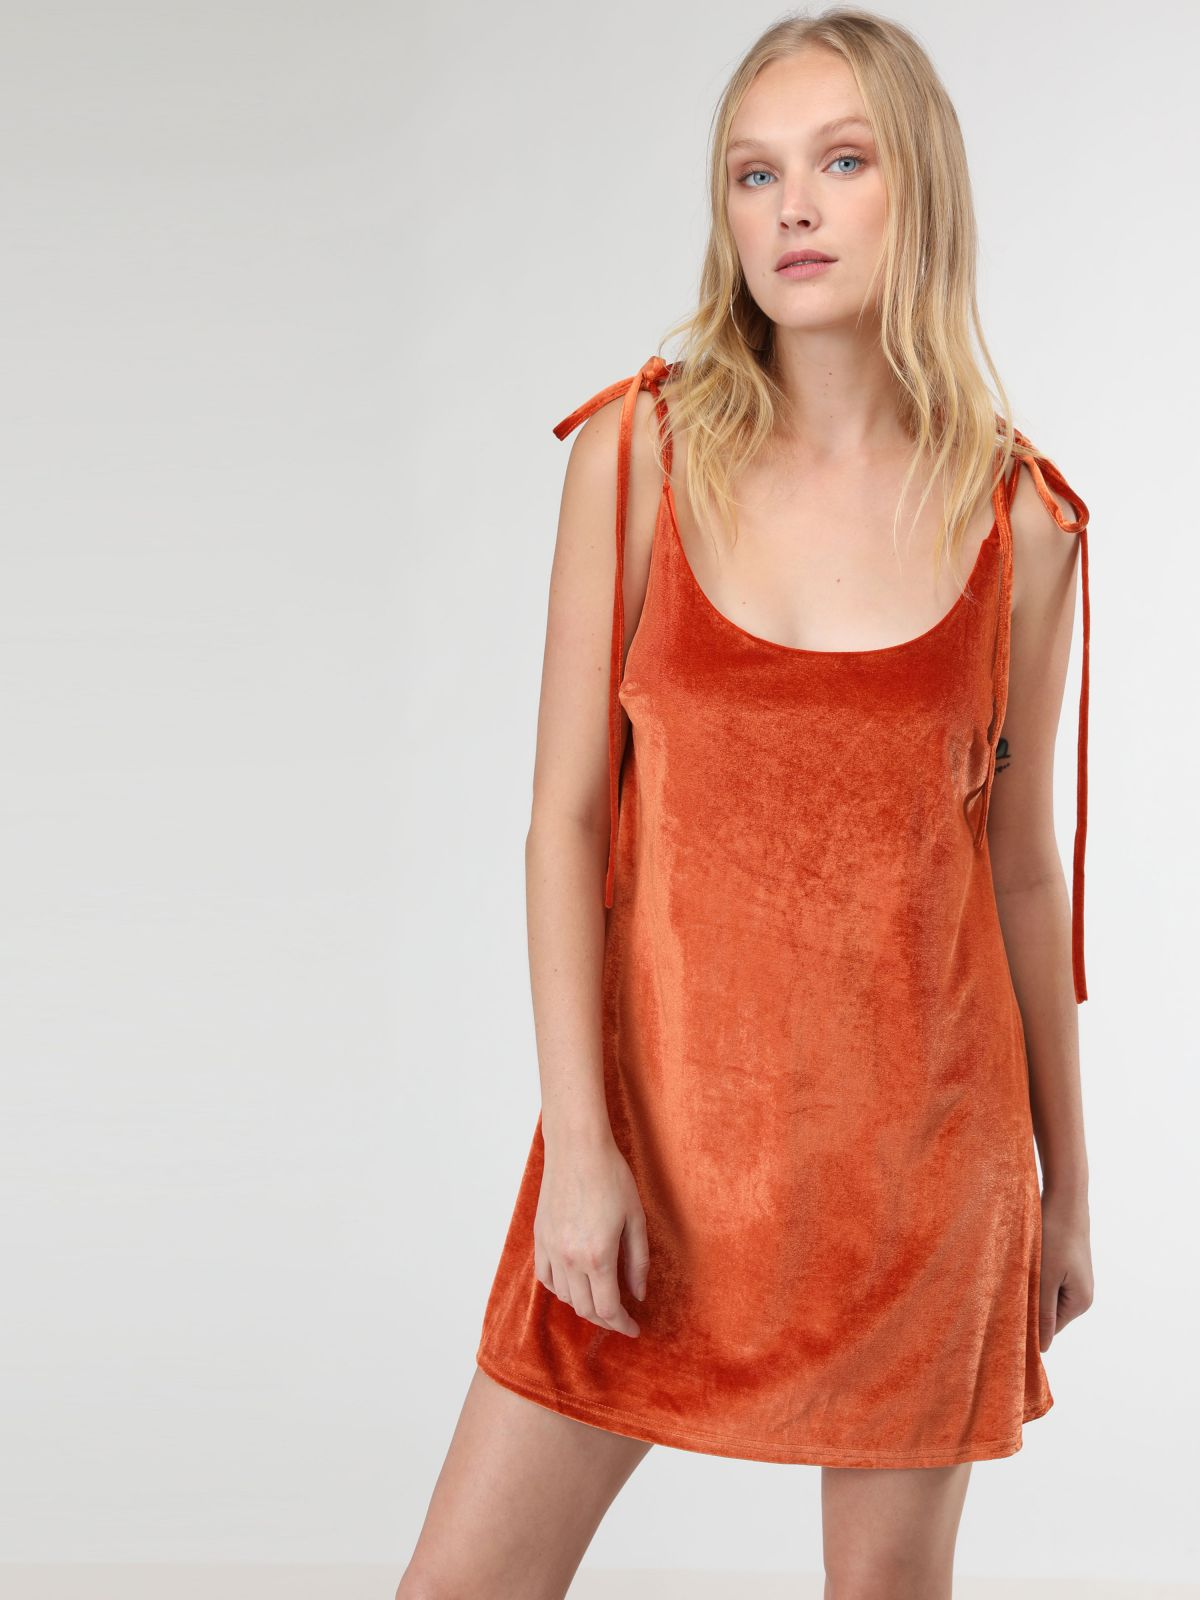 שמלת מיני קטיפה עם כתפיות קשירהשמלת מיני קטיפה עם כתפיות קשירה של TERMINAL X